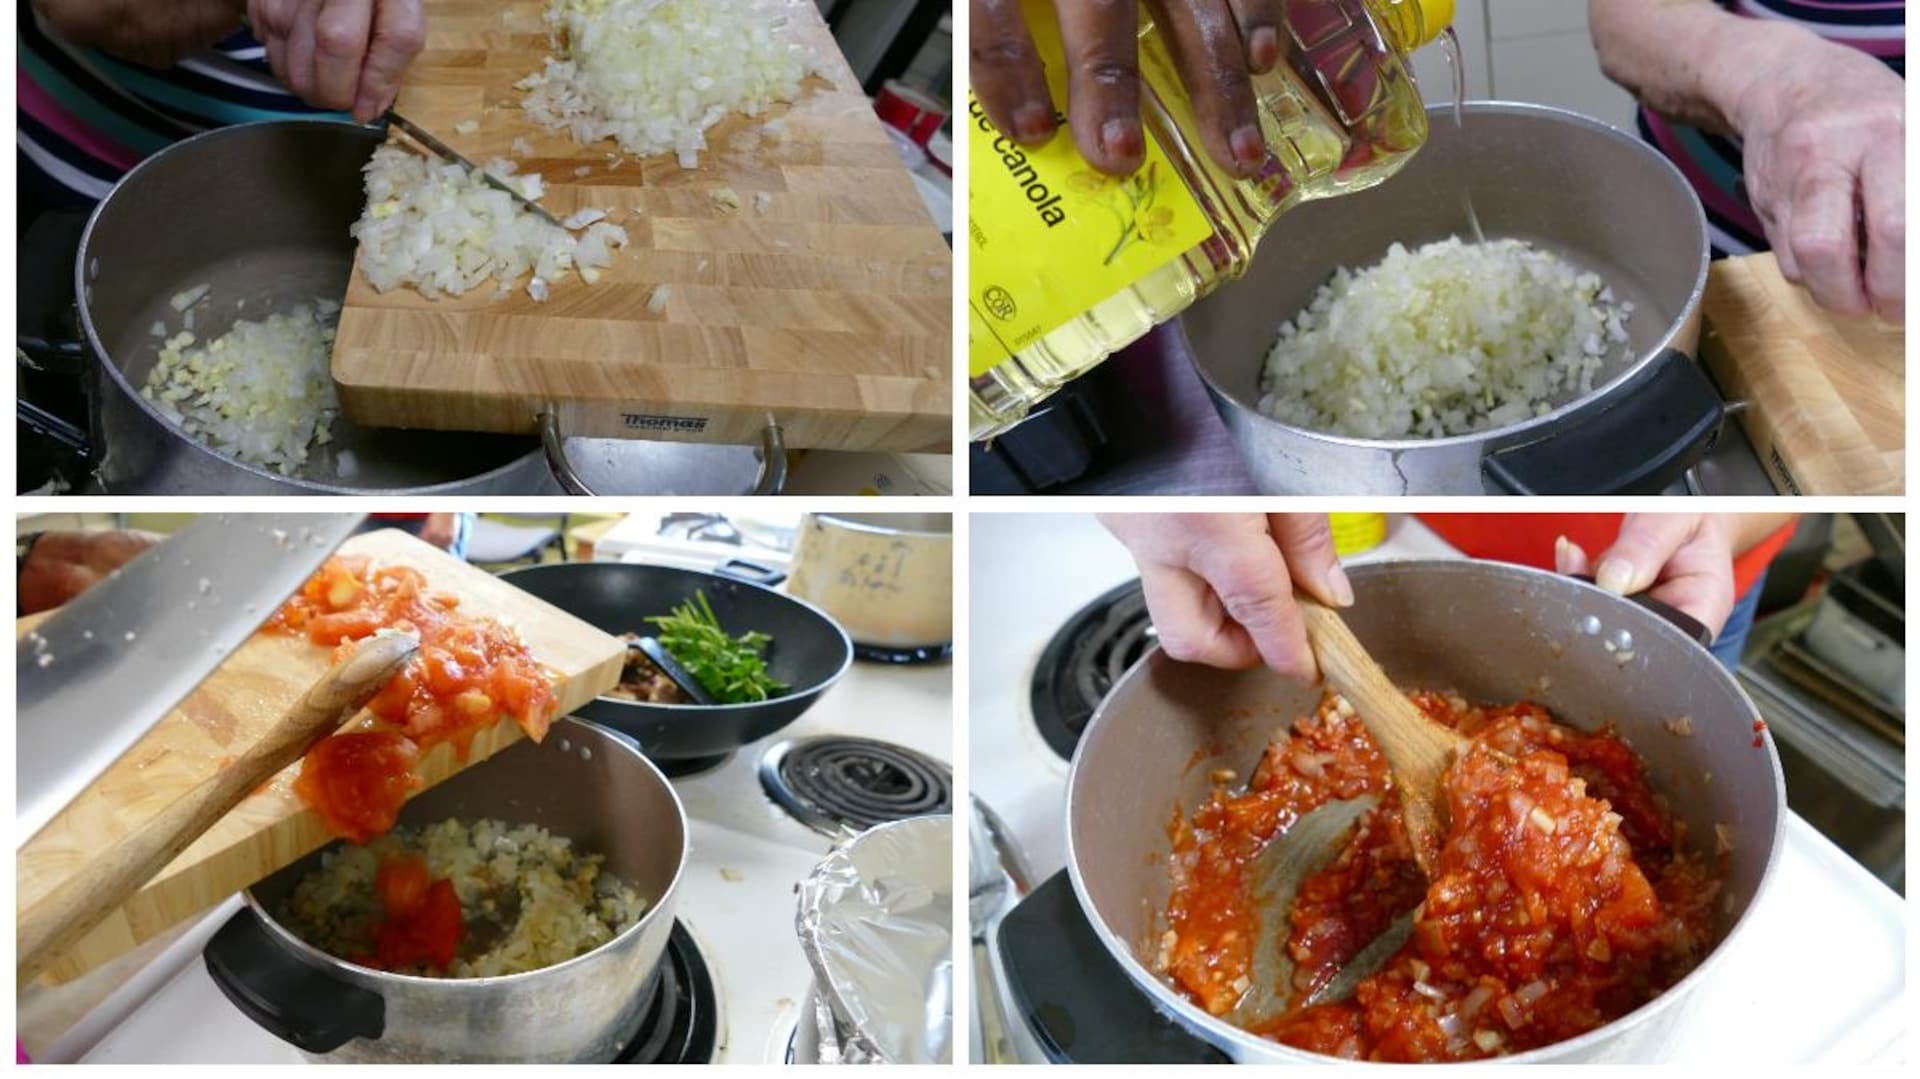 On verse les oignons hachés dans un grand chaudron, on ajoute de l'huile, des tomates hachées et on mélange la sauce.